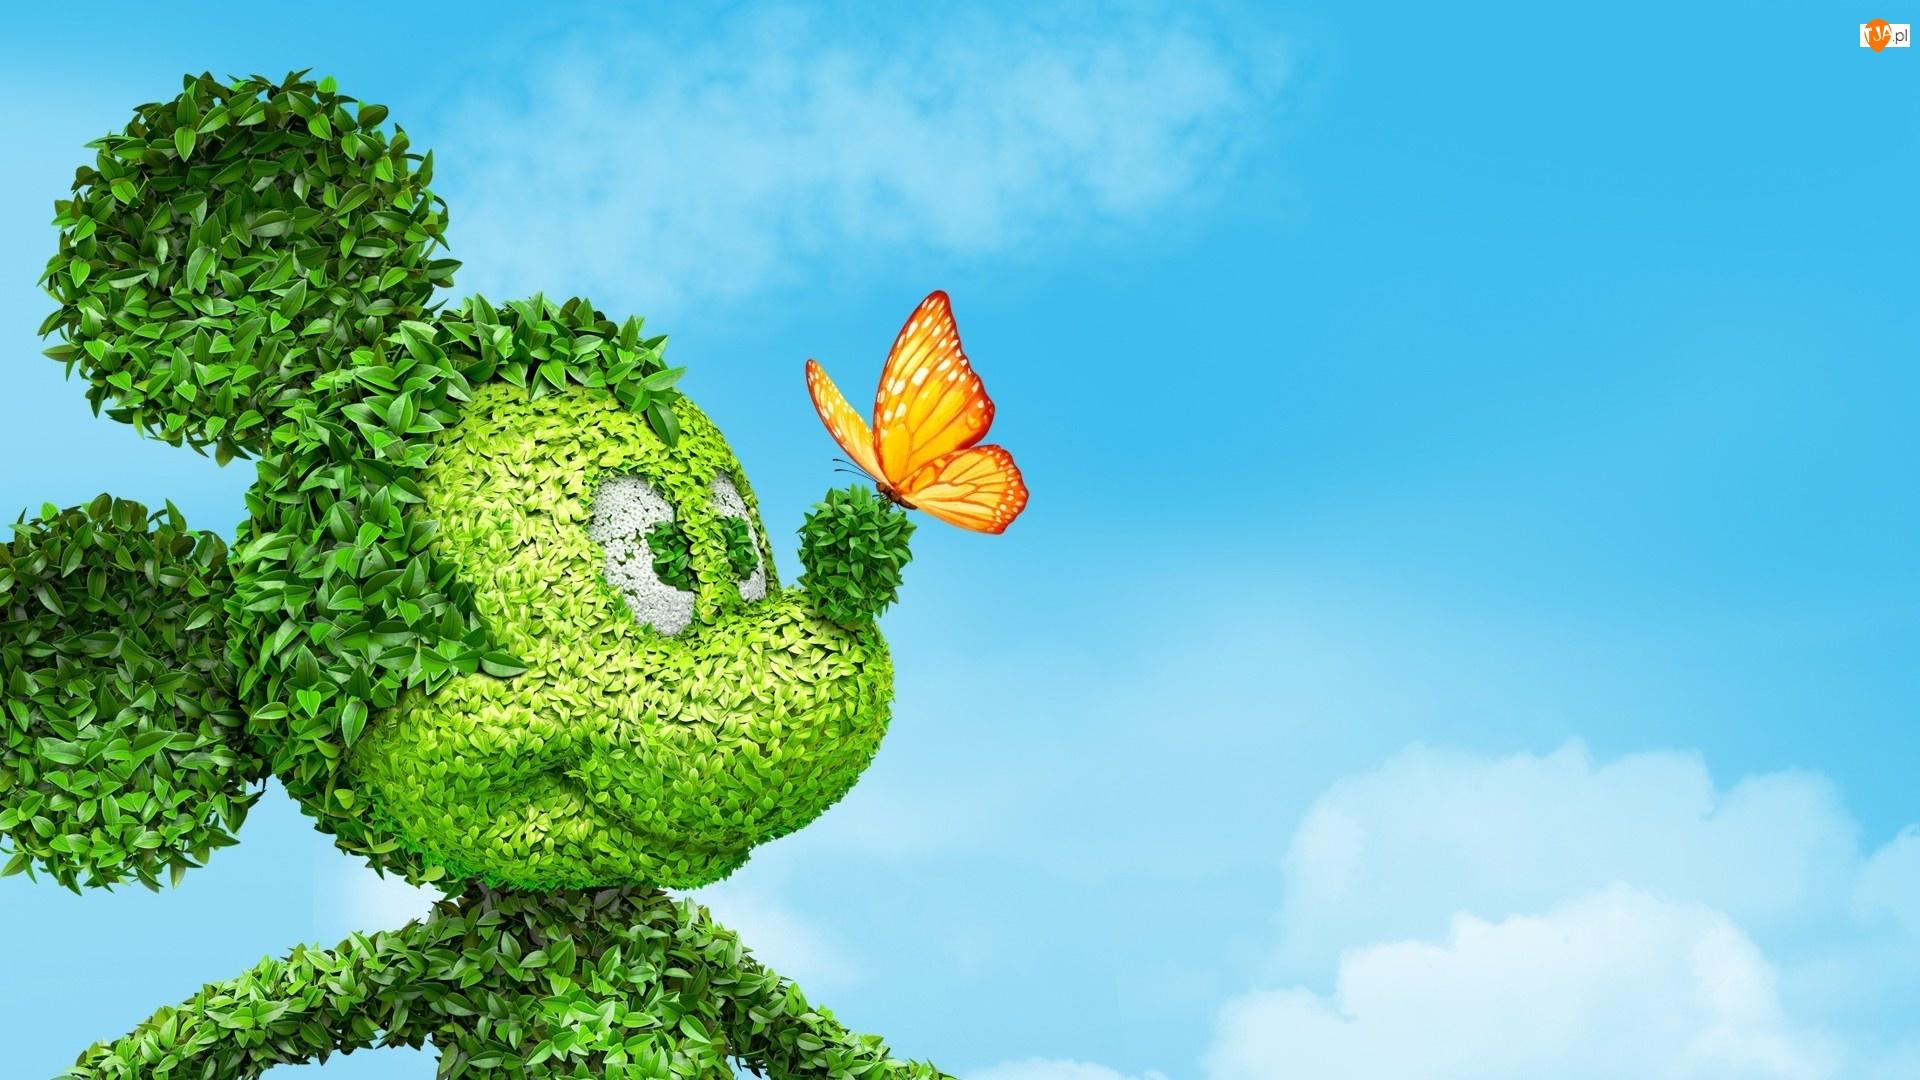 Motyl, Myszka, Rzeźba, Miki, Ogrodowa